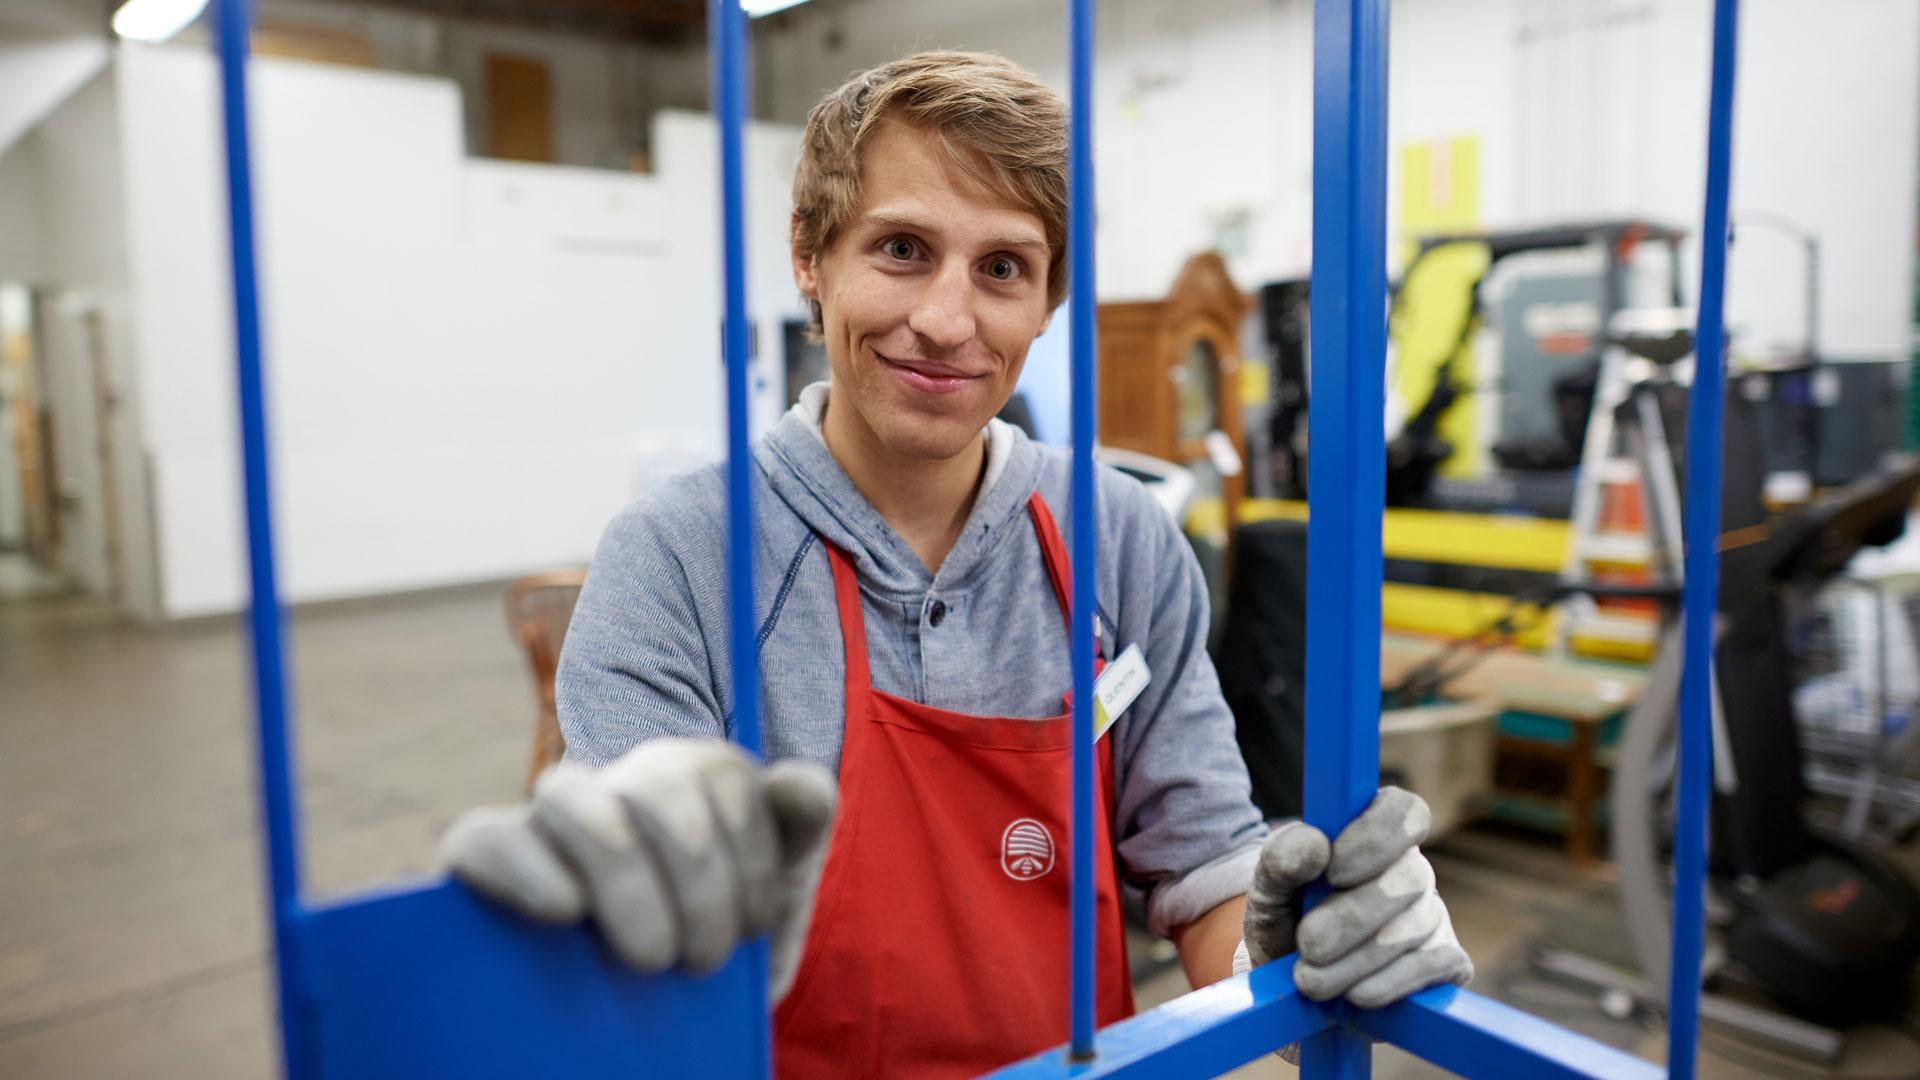 Associate smiling in sorting area